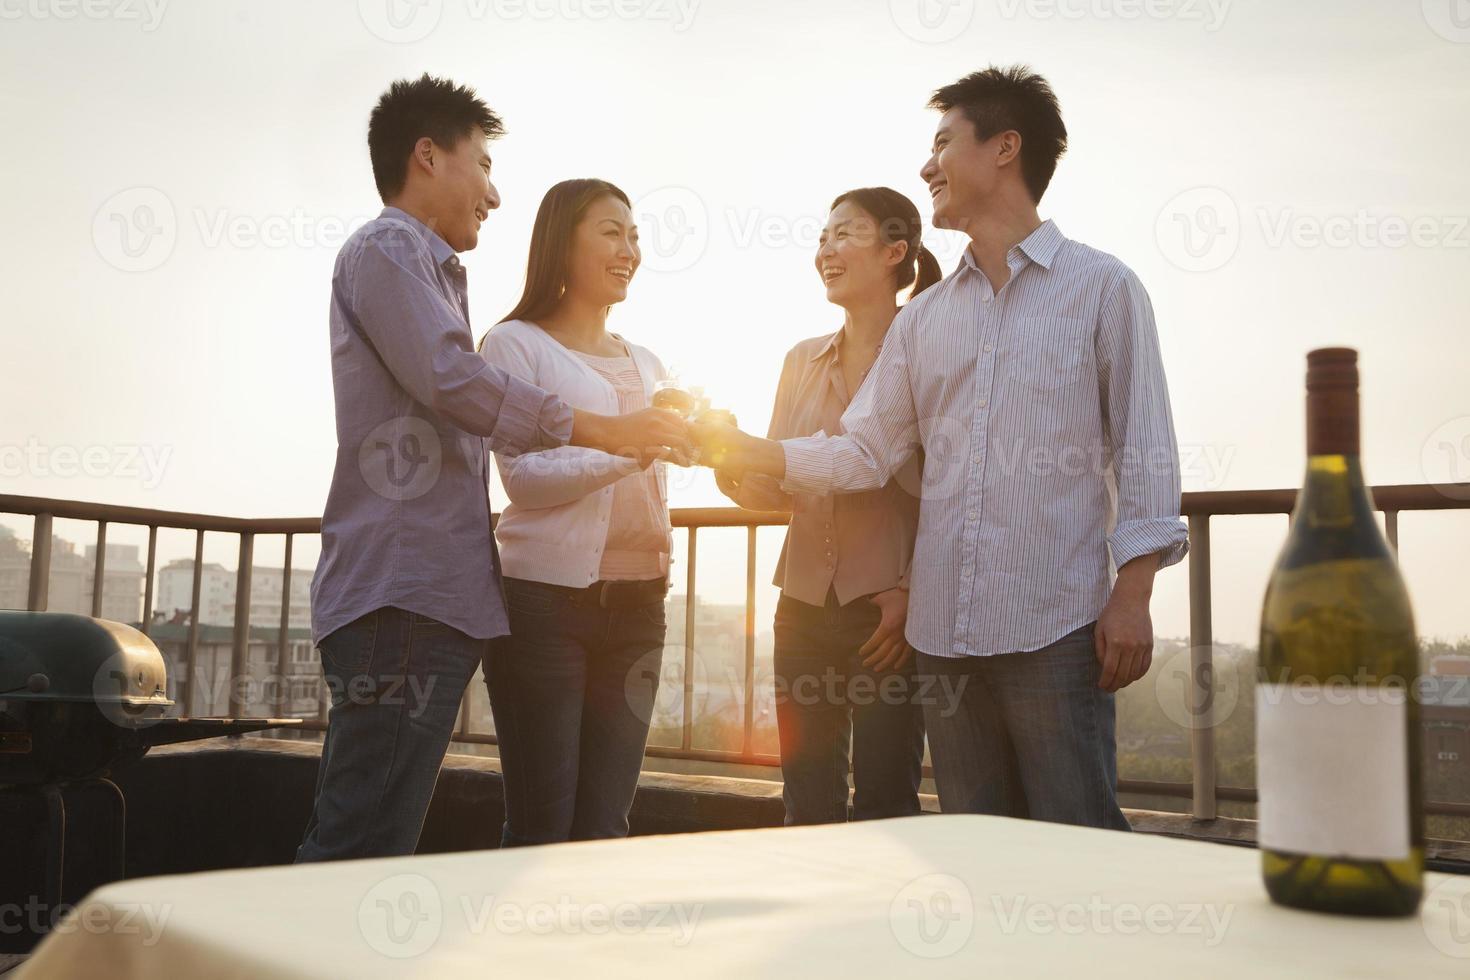 groep vrienden roosteren elkaar op het dak bij zonsondergang foto